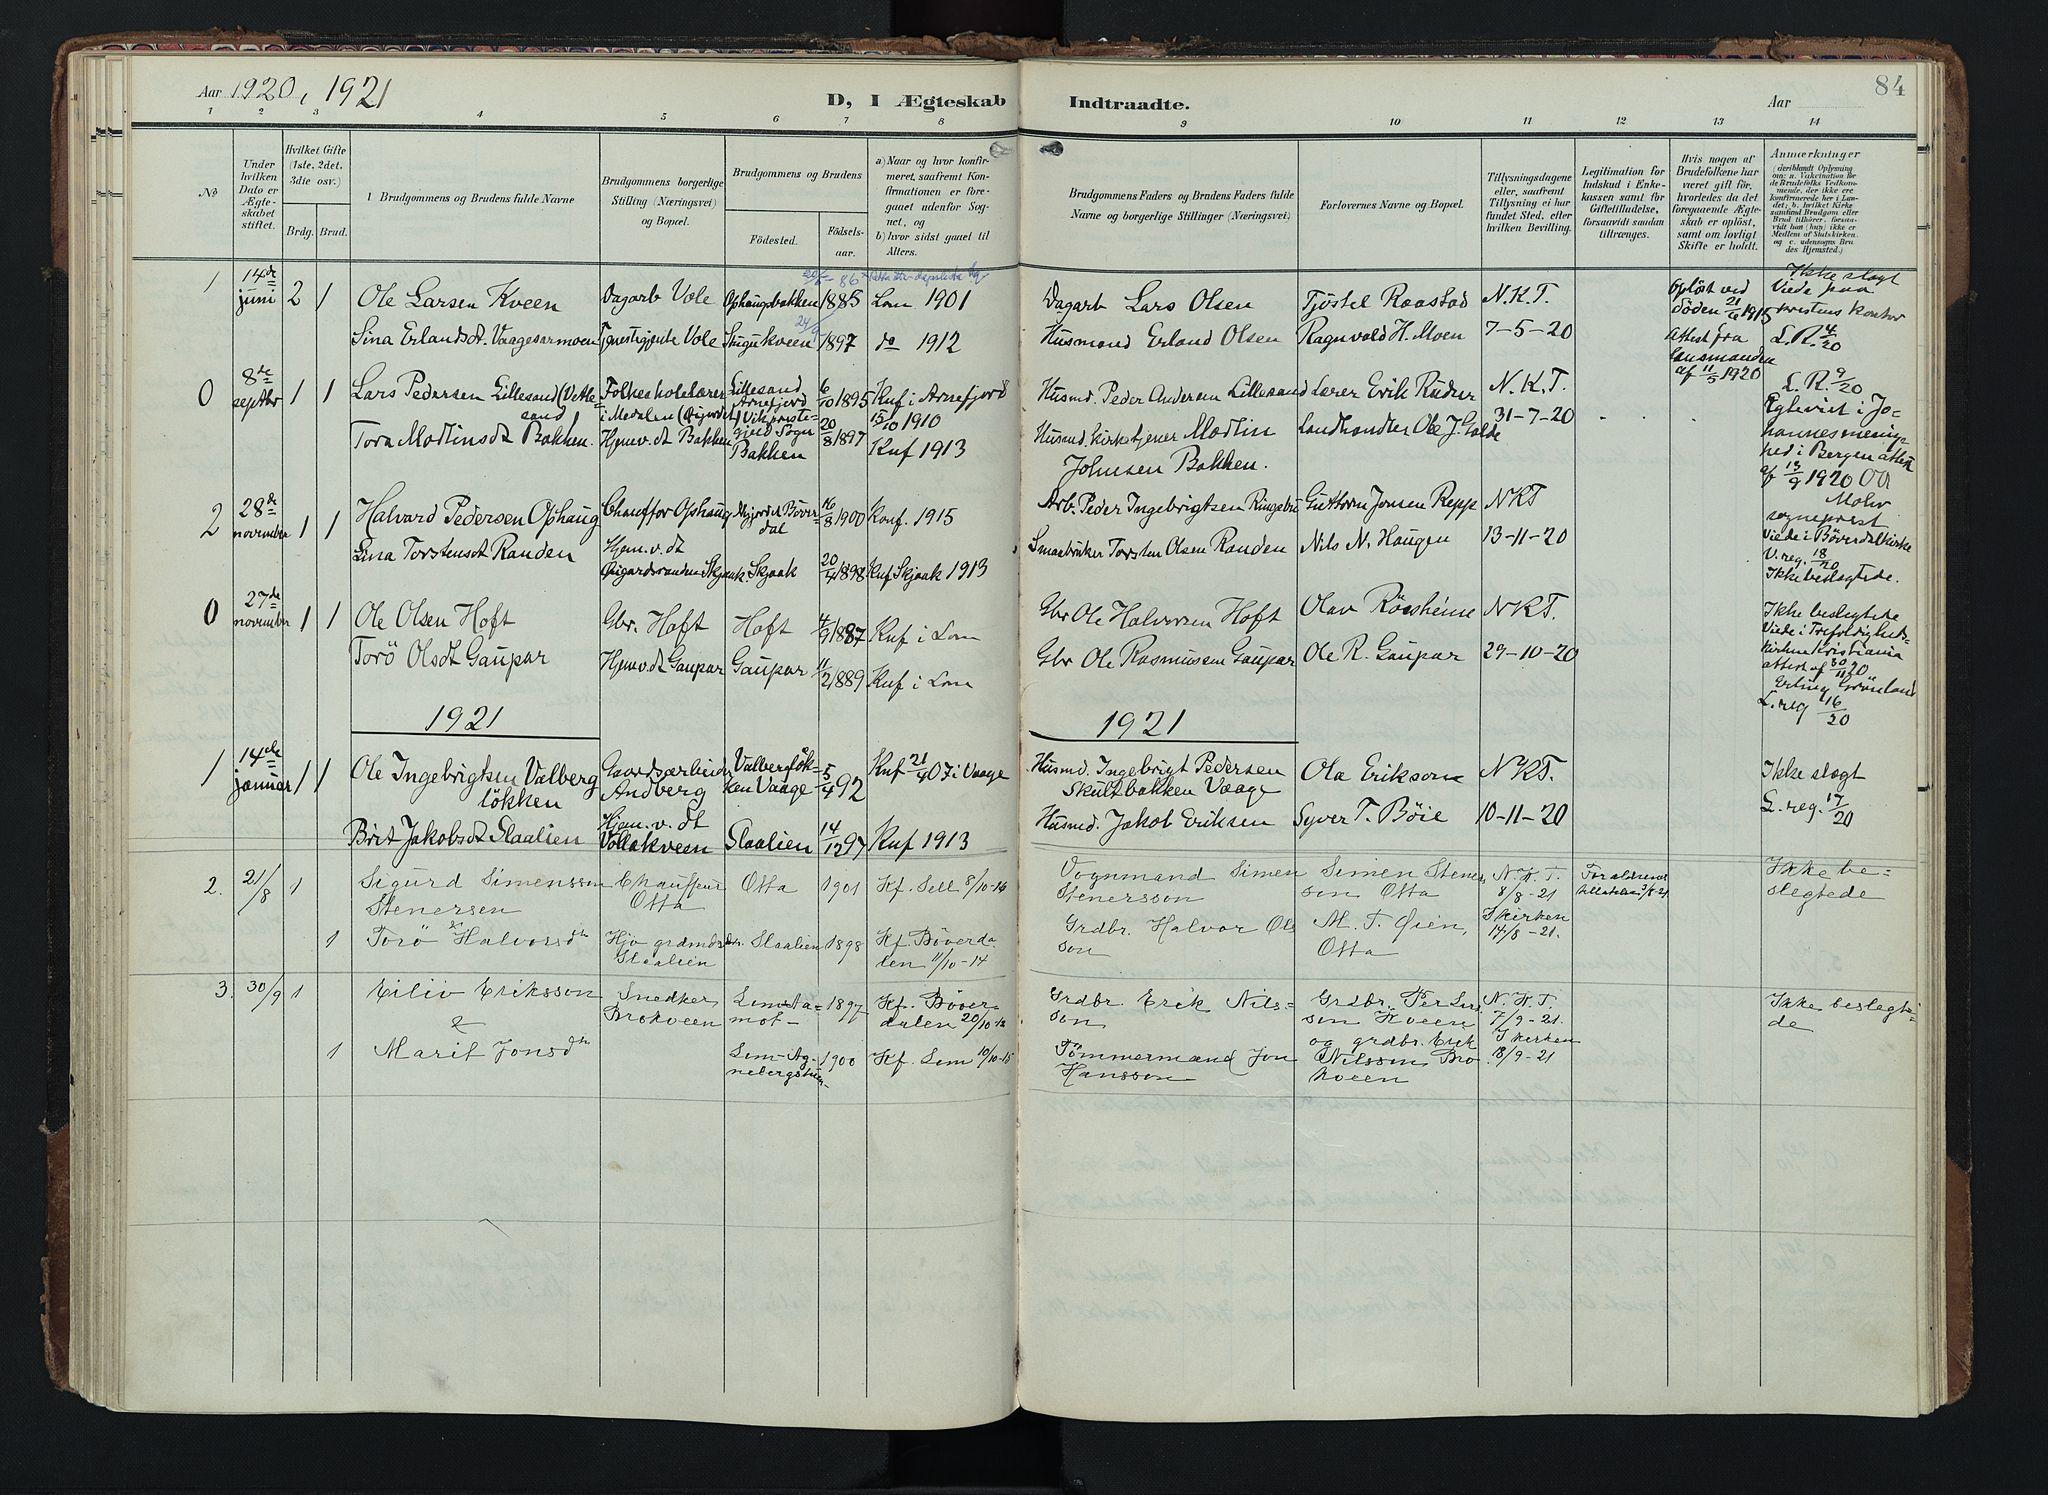 SAH, Lom prestekontor, K/L0012: Ministerialbok nr. 12, 1904-1928, s. 84